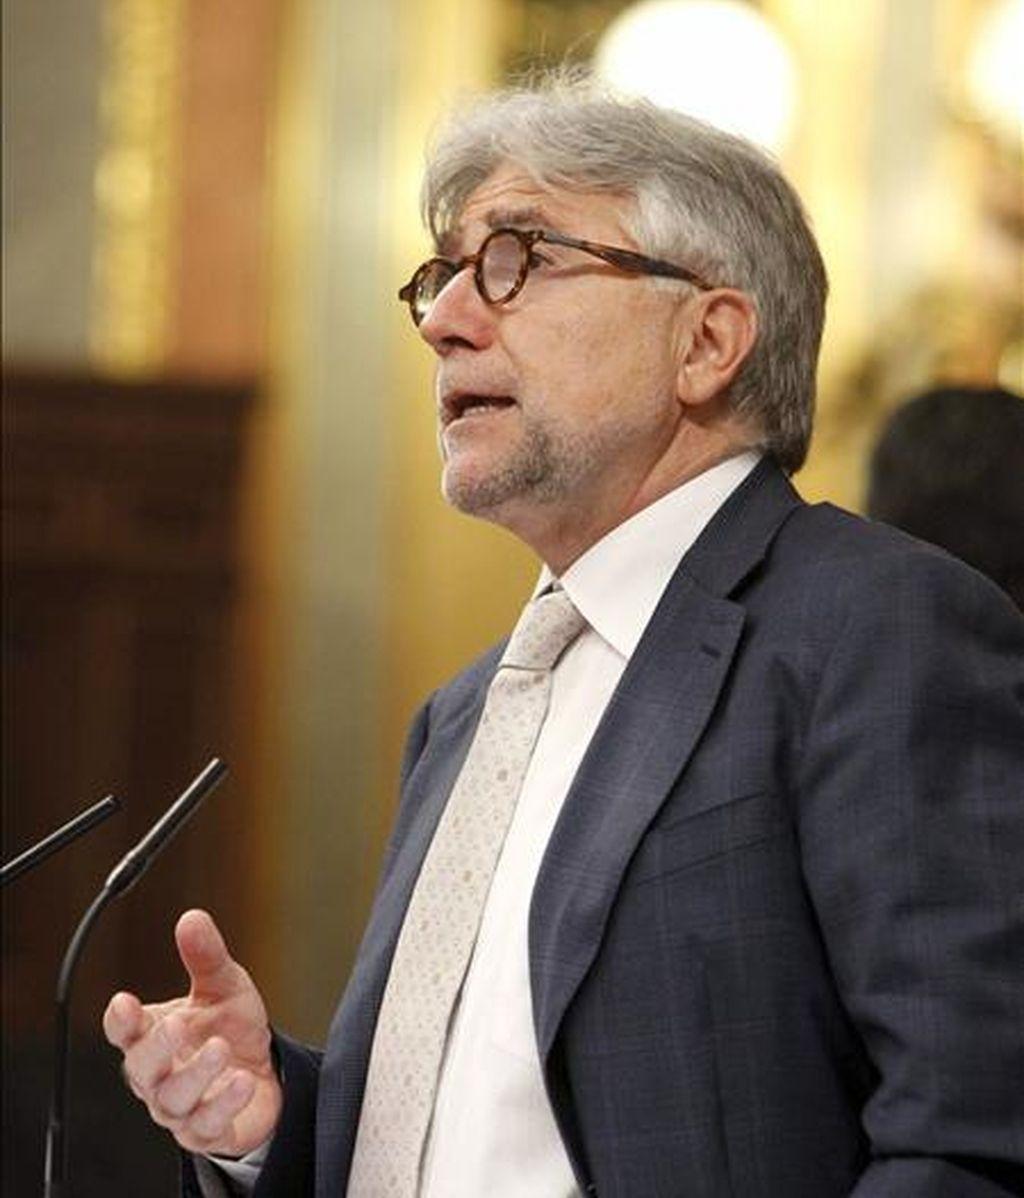 El diputado de CiU Josep Sánchez Llibre. EFE/Archivo